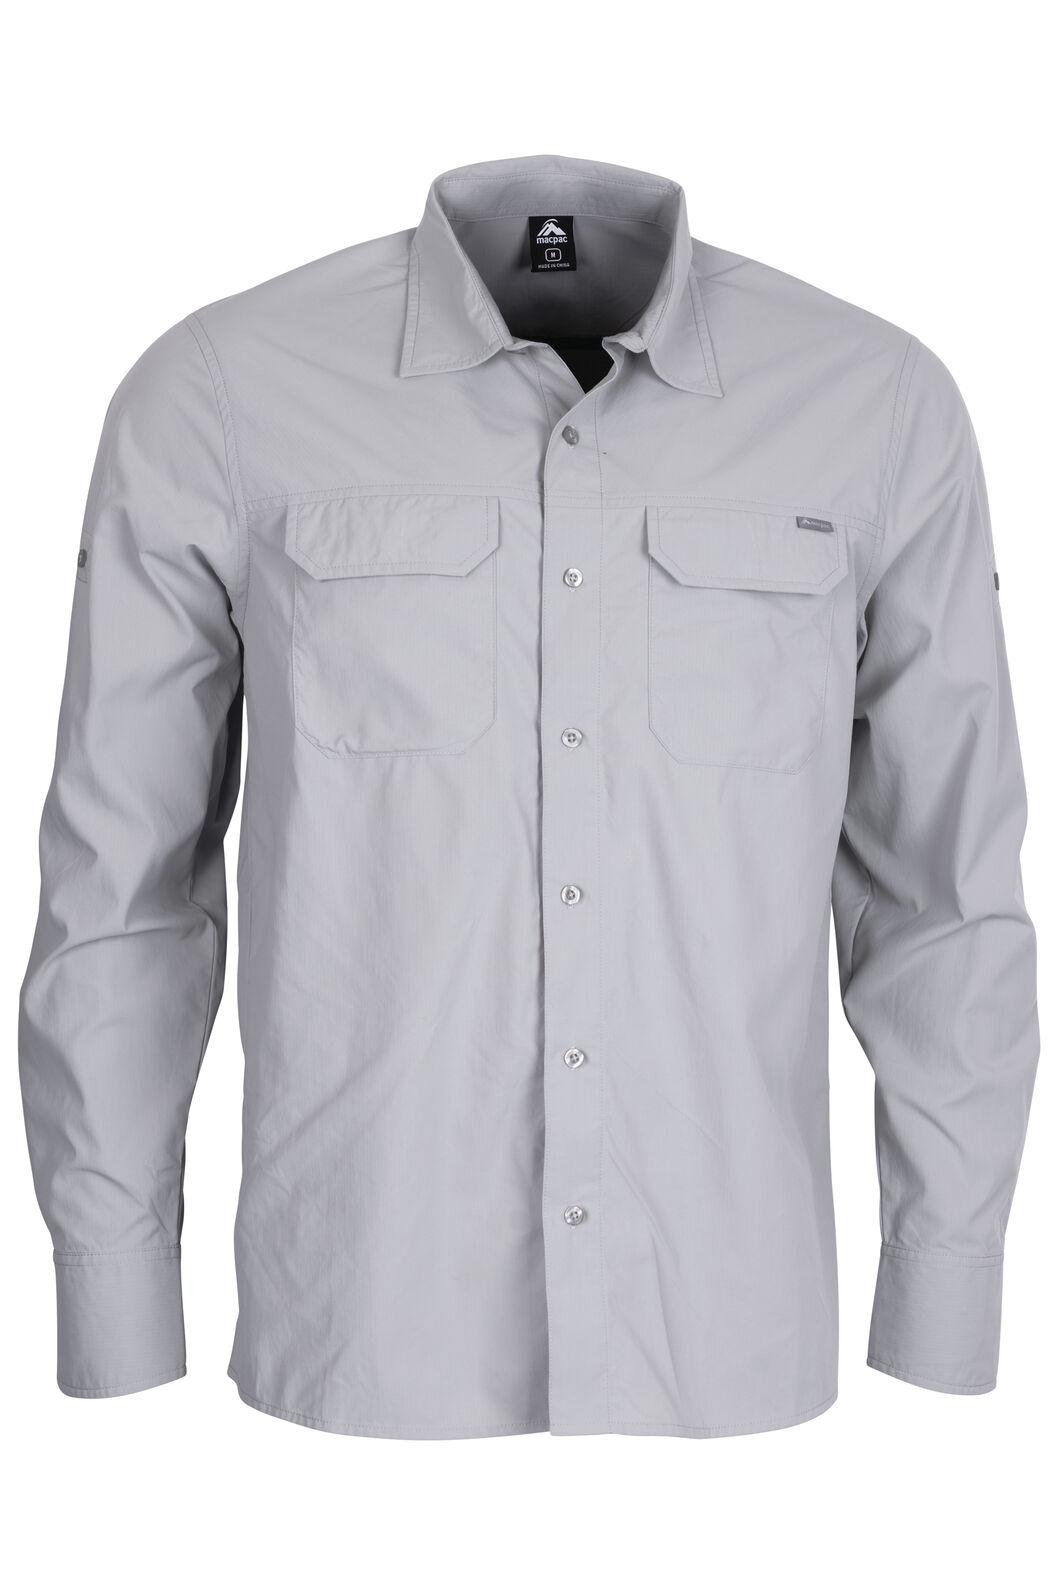 Tangent Shirt V2 Mens, Griffin, hi-res